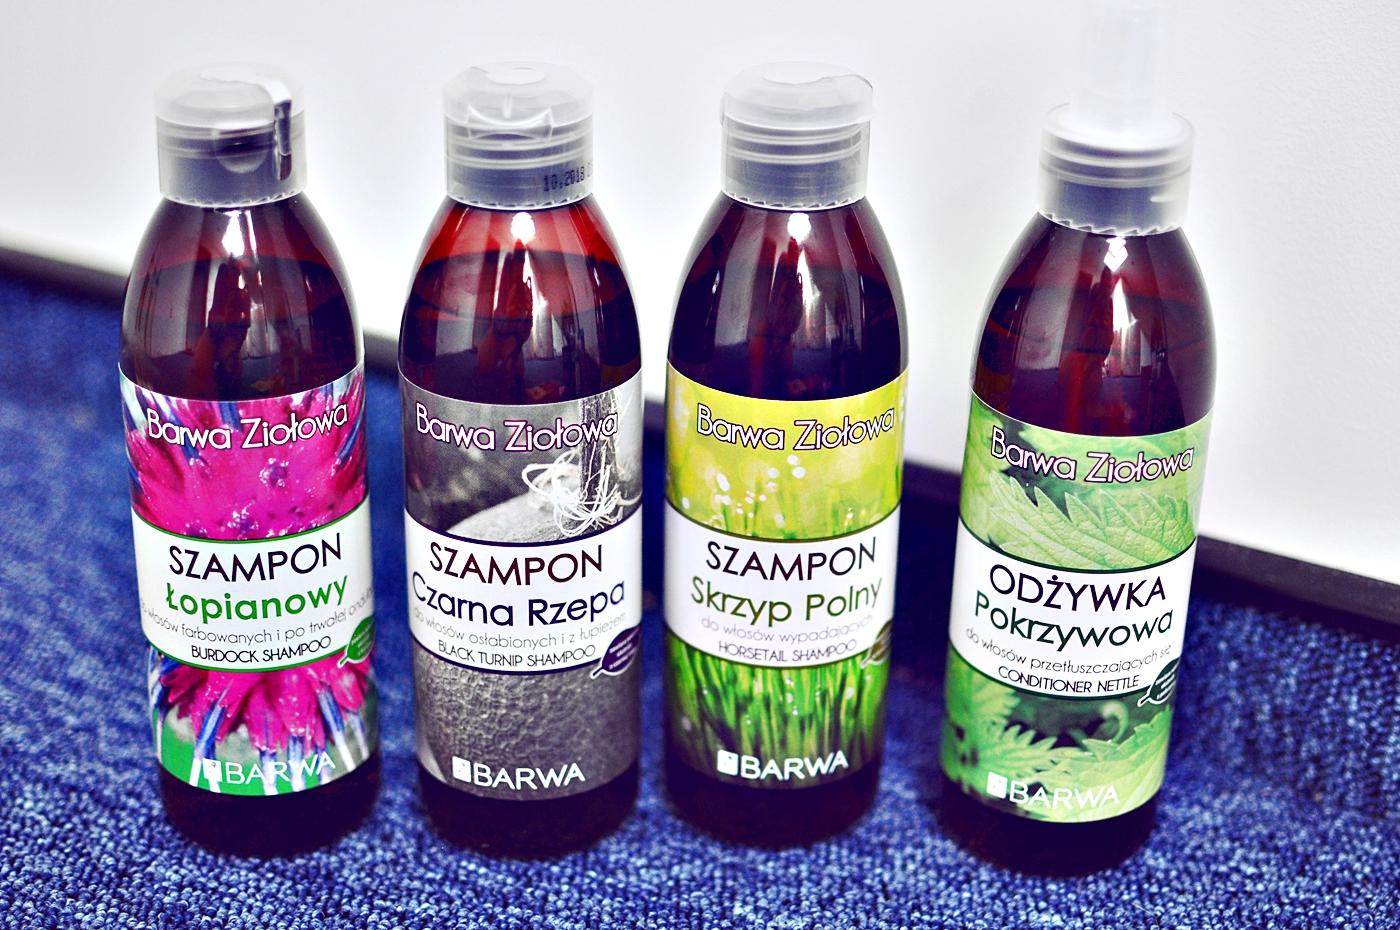 barwa-ziolowa_szampony-naturalne